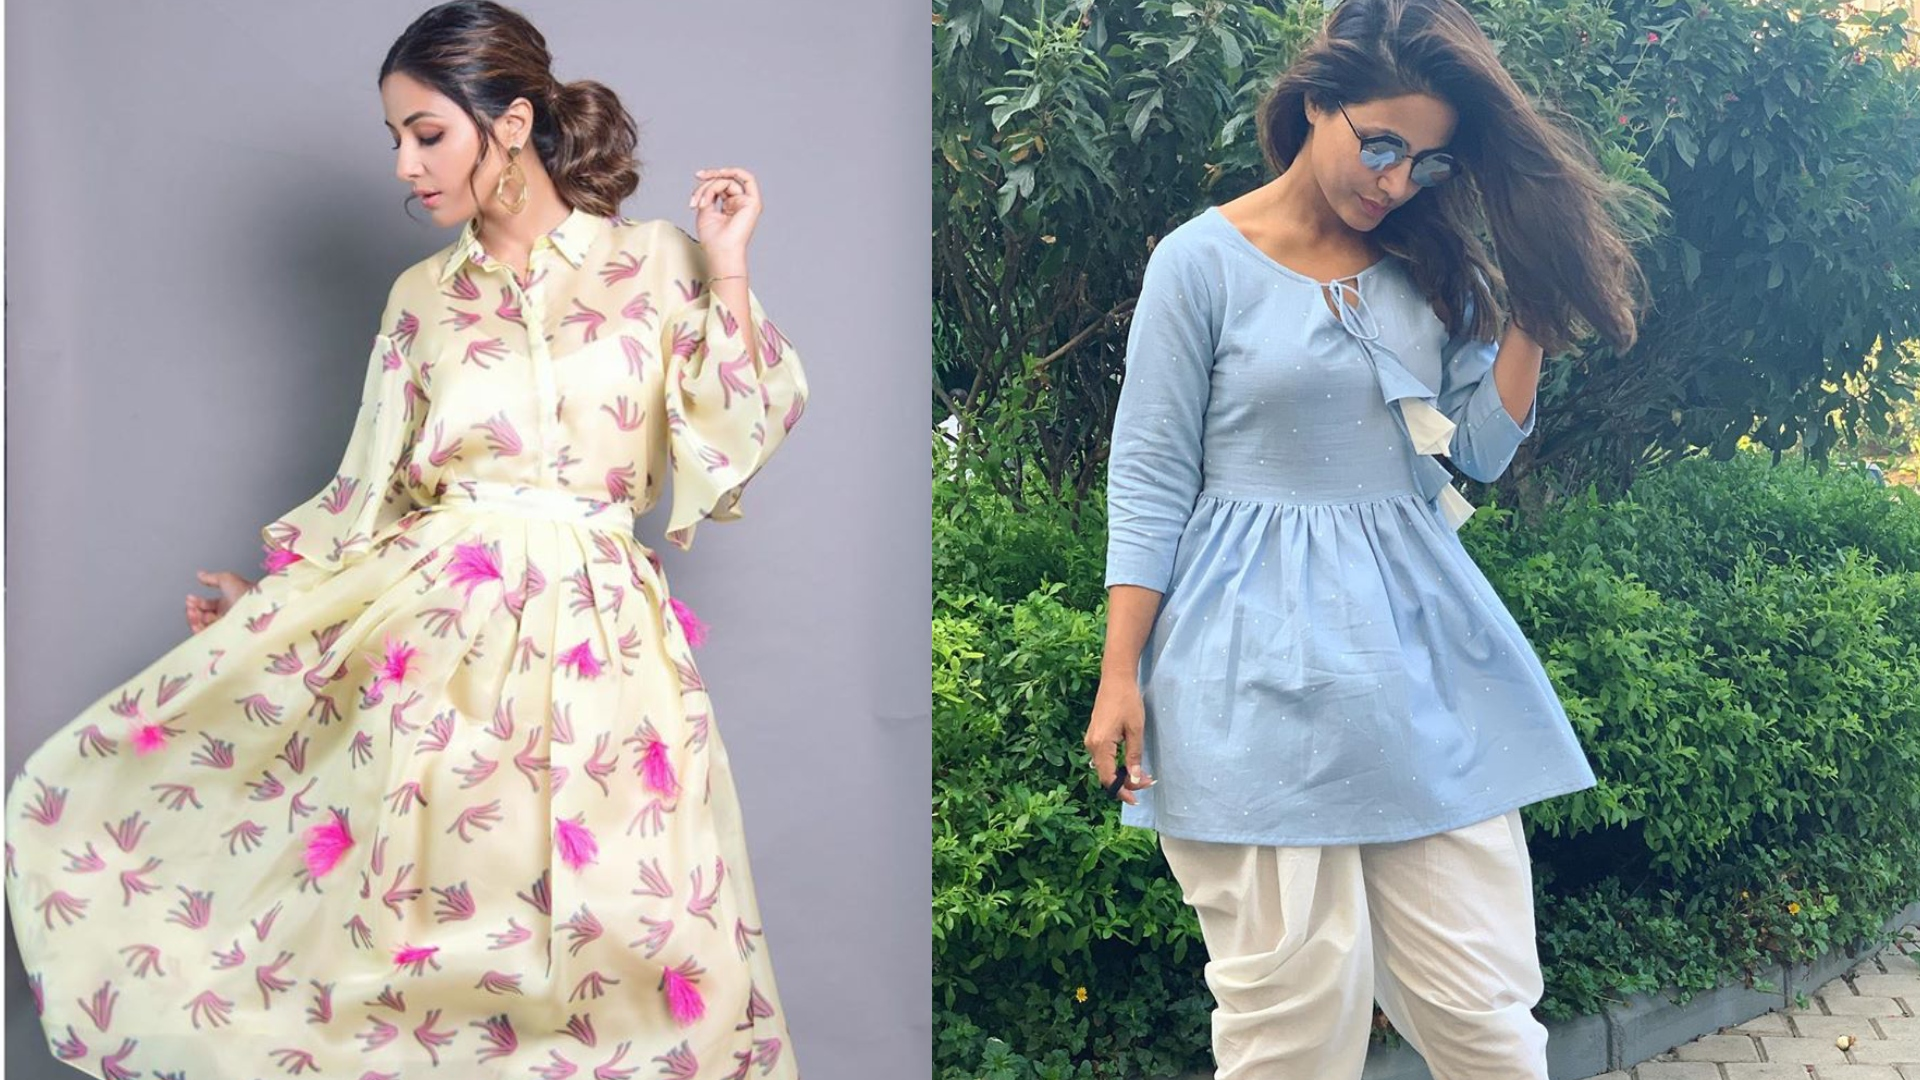 हिना खान के ये 5 खूबसूरत आउटफिट गर्मियों में आप भी करें ट्राय, कंफर्ट के साथ आपको मिलेगा स्टाइलिश लुक